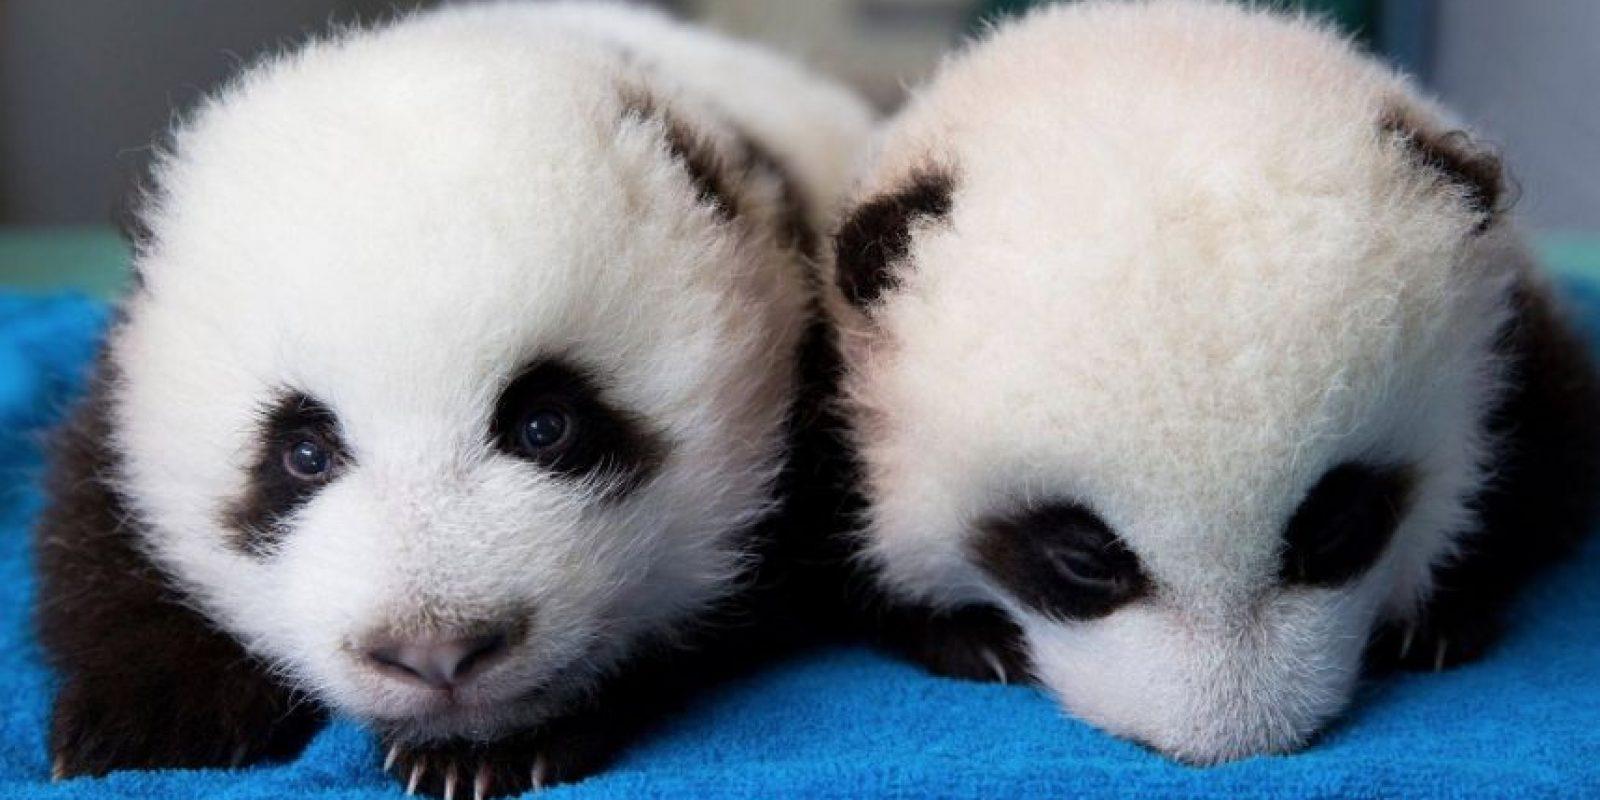 El panda se conoció en Occidente en 1869 gracias al naturalista y misionero lazarista francés Armand David. Foto:IPanda